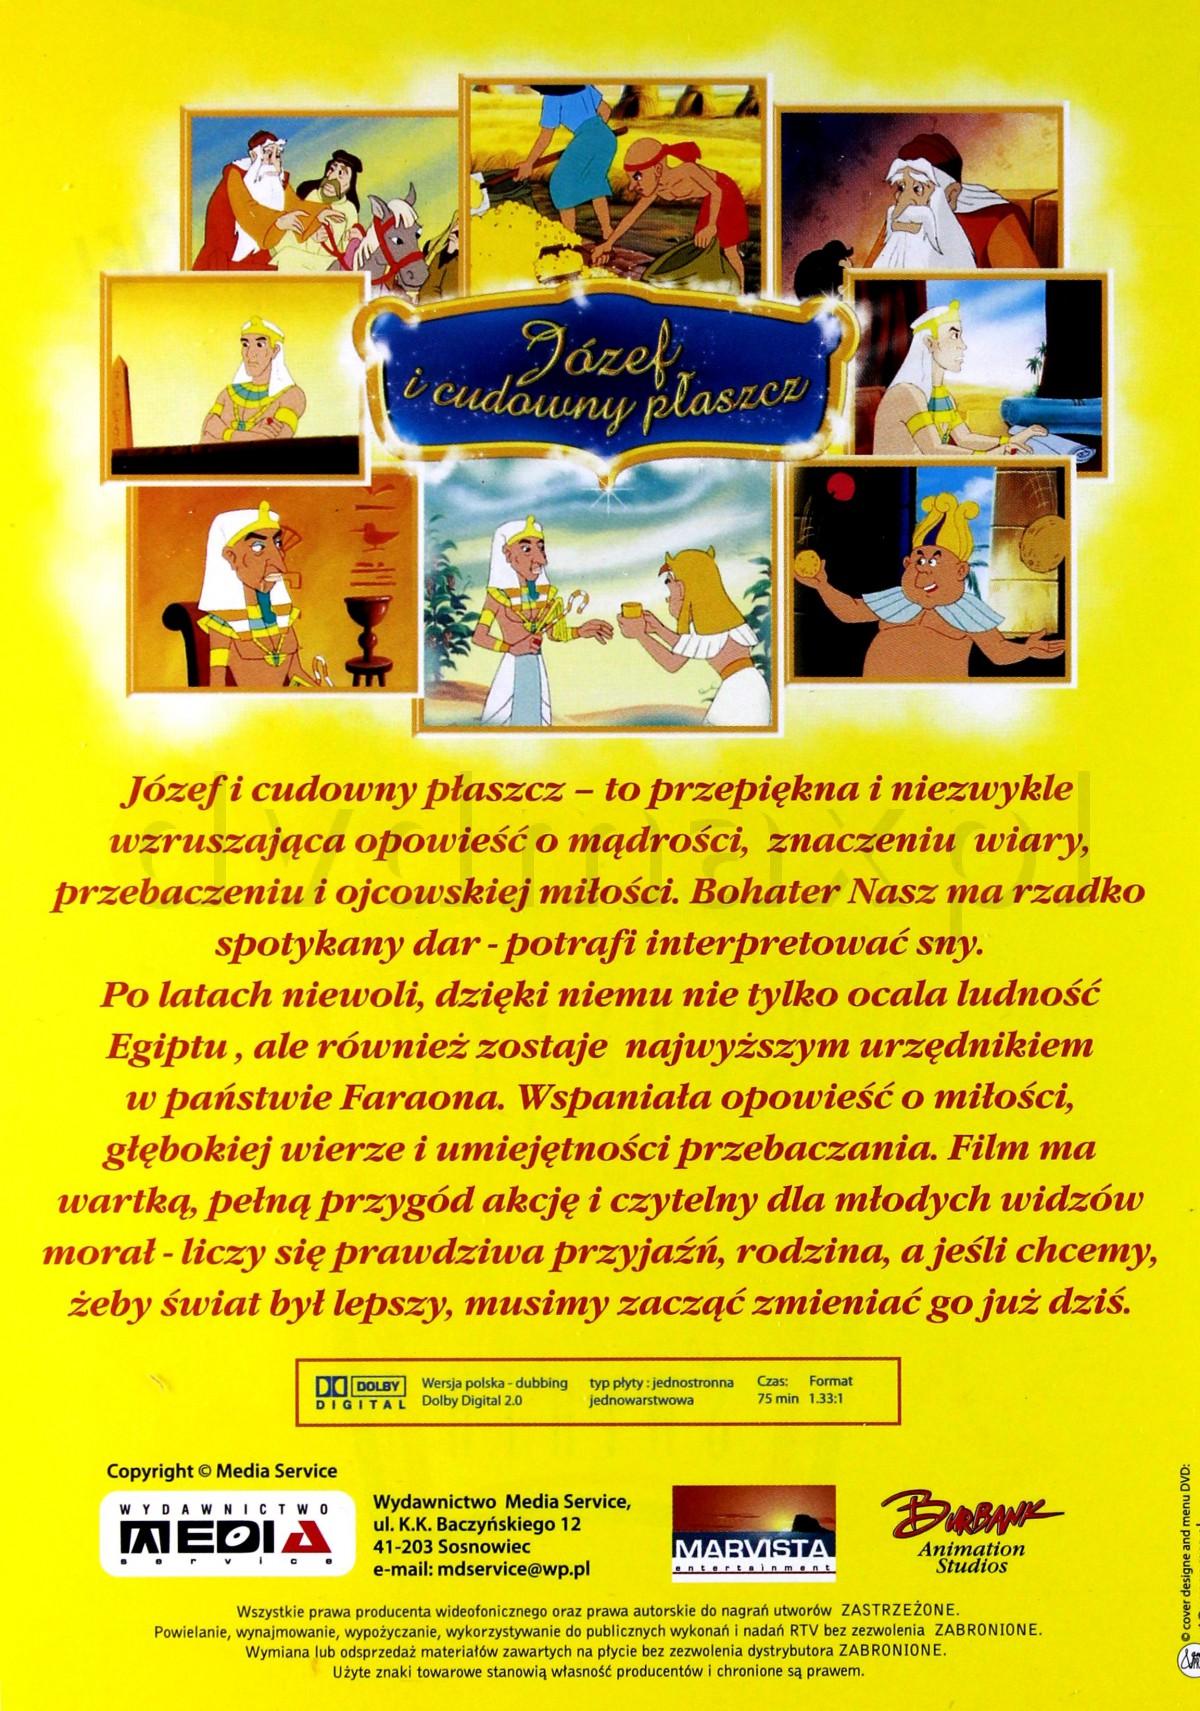 FILM DVD JÓZEF I CUDOWNY PŁASZCZ bajka DUBBING PL